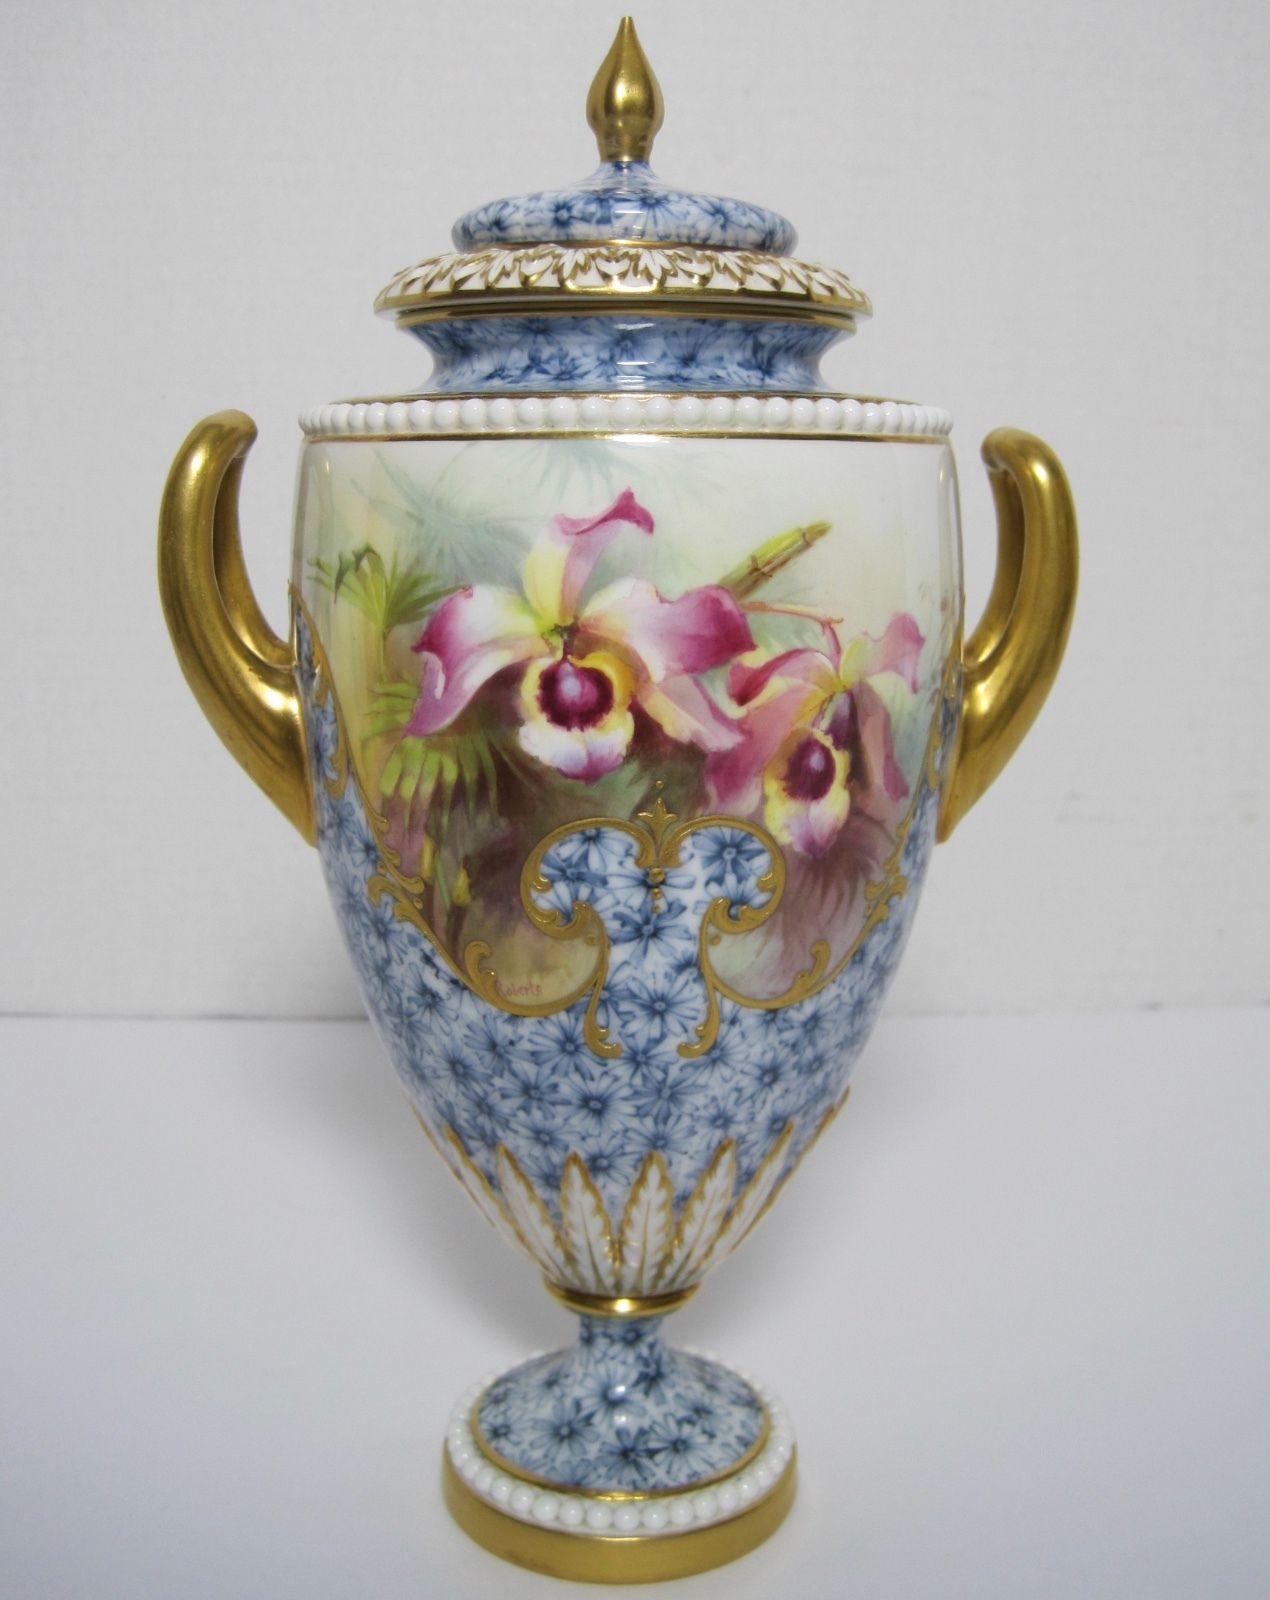 アンティーク ロイヤルウースター1903年 FRANK ROBERTS ハンドペイント 蘭の花瓶